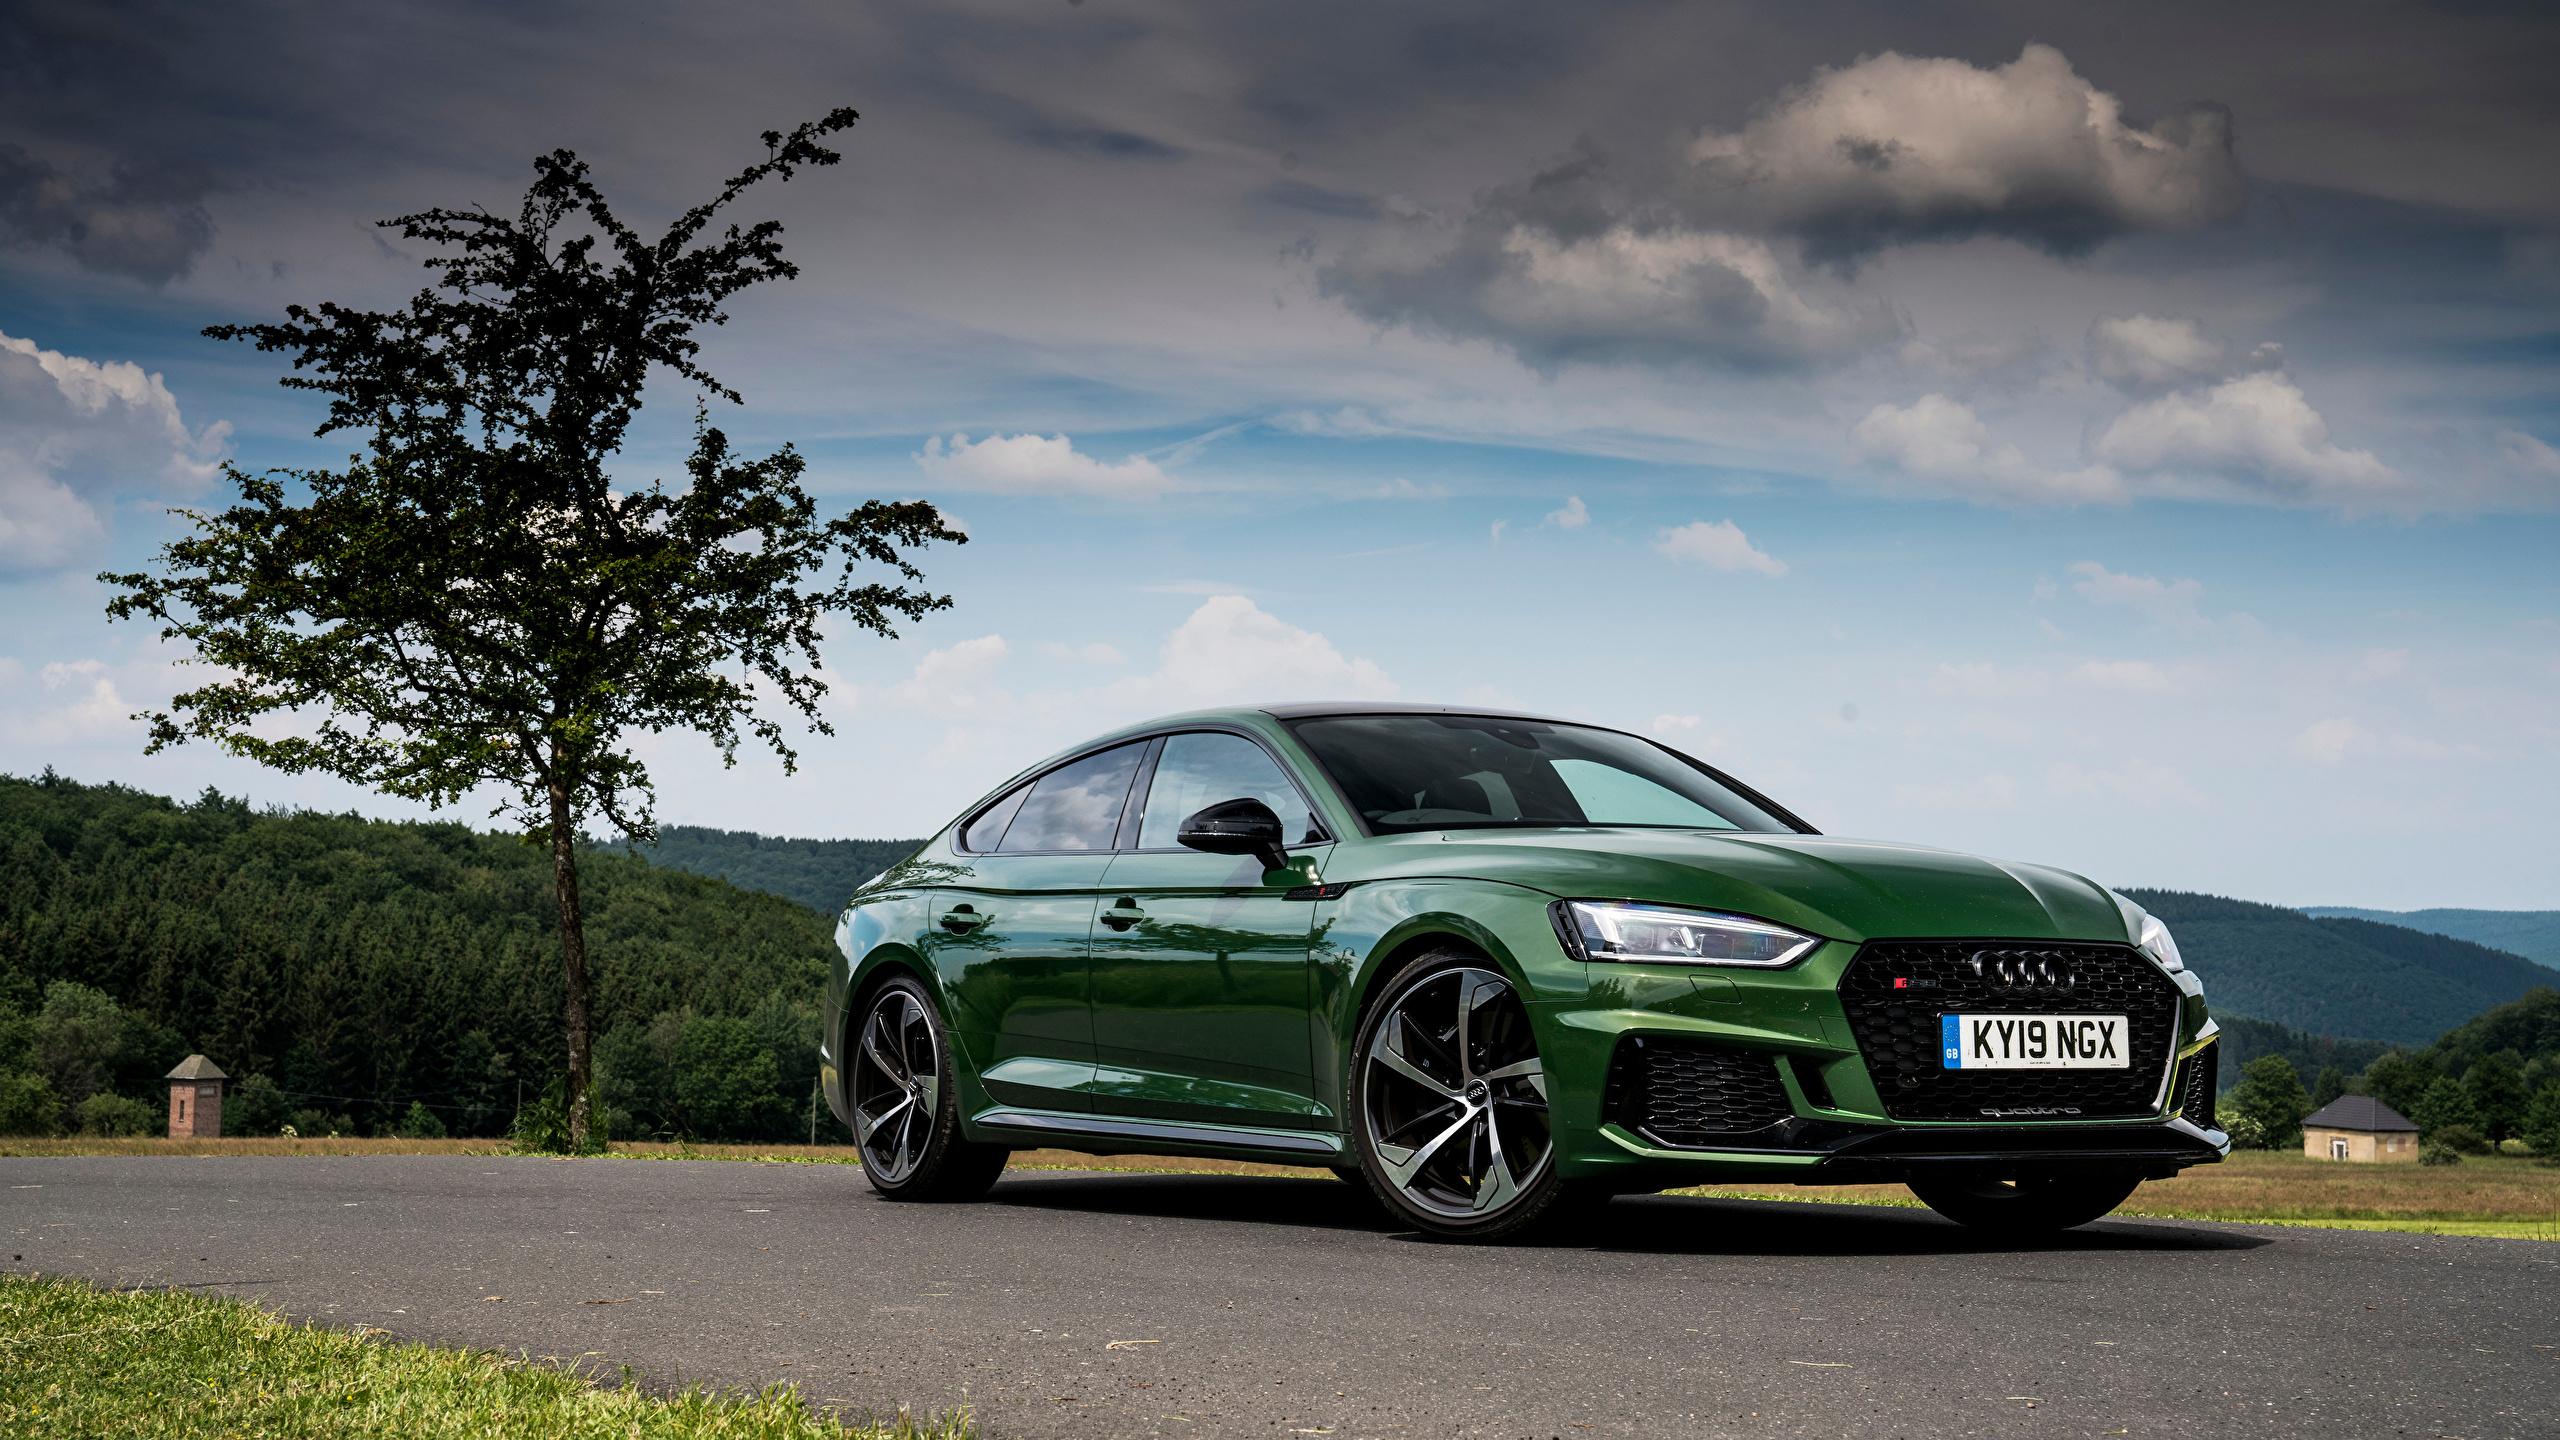 Фото Audi 2019 RS 5 Sportback зеленые авто Металлик 2560x1440 Ауди зеленых Зеленый зеленая машина машины автомобиль Автомобили